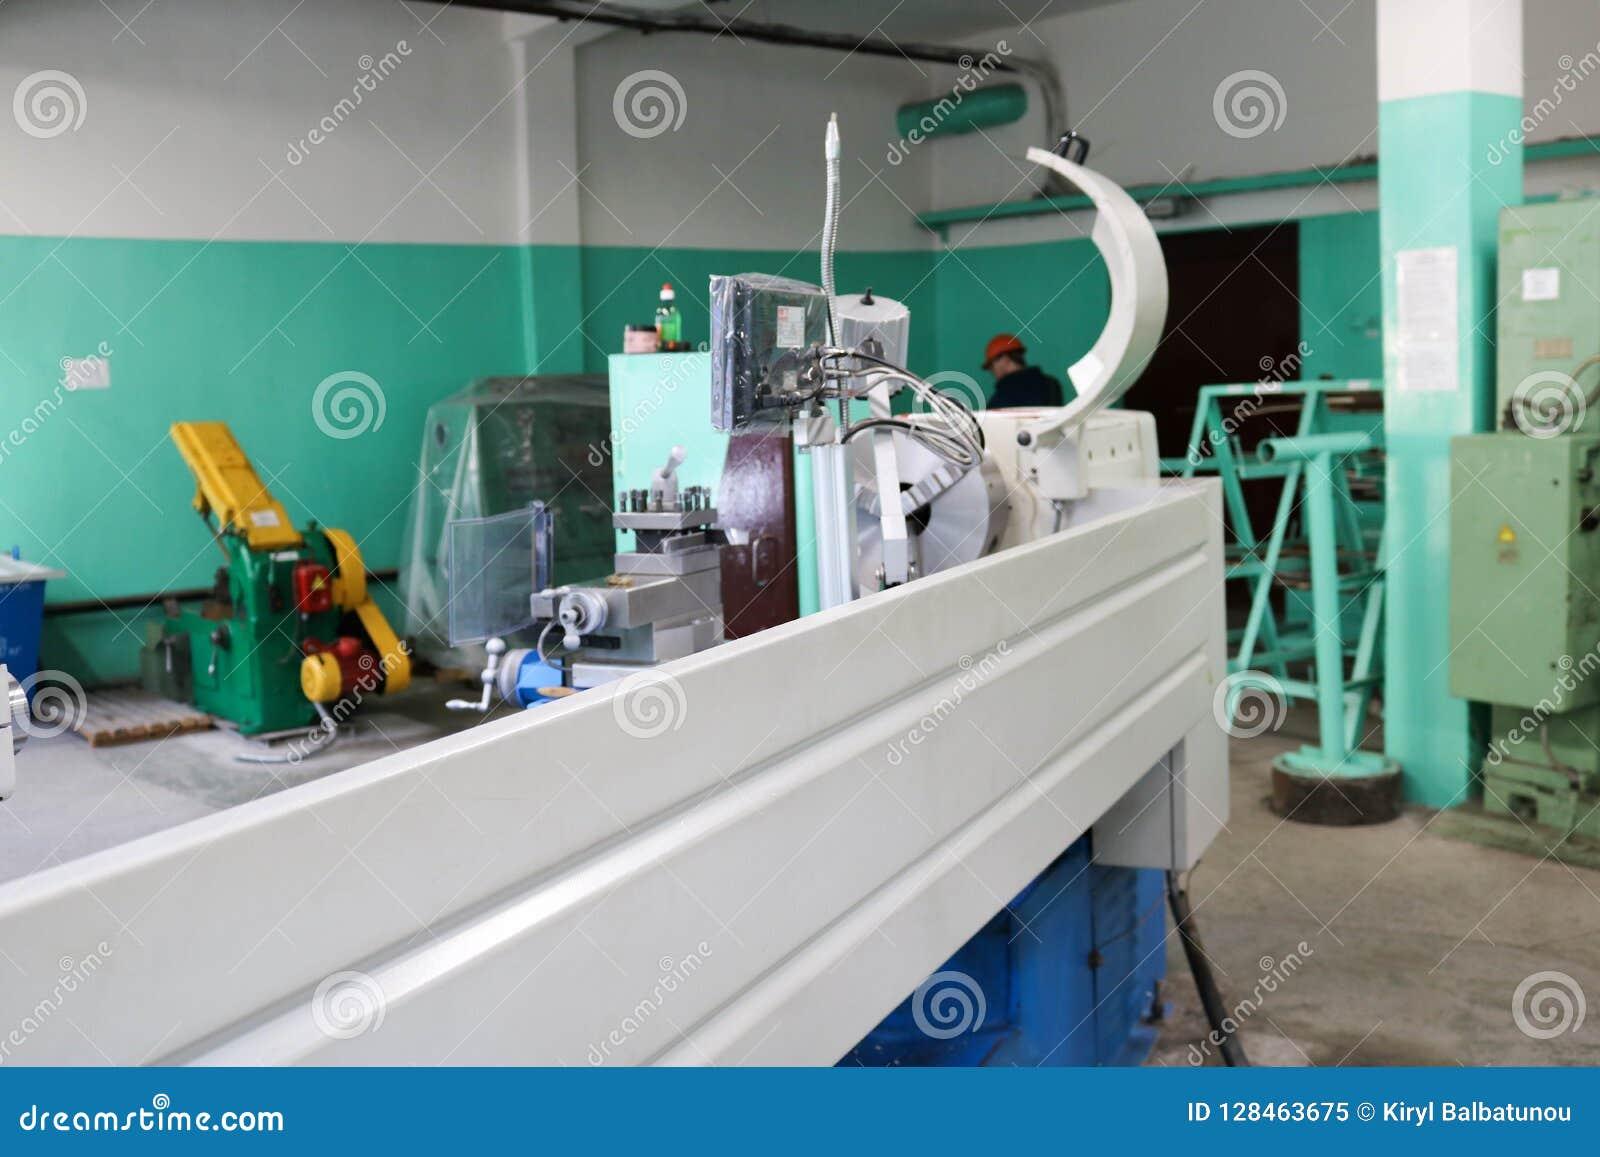 Μεγάλος τόρνος πάγκων σιδήρου μετάλλων, εξοπλισμός για την επισκευή, εργασία με το μέταλλο στο εργαστήριο στις μεταλλουργικές εγκ